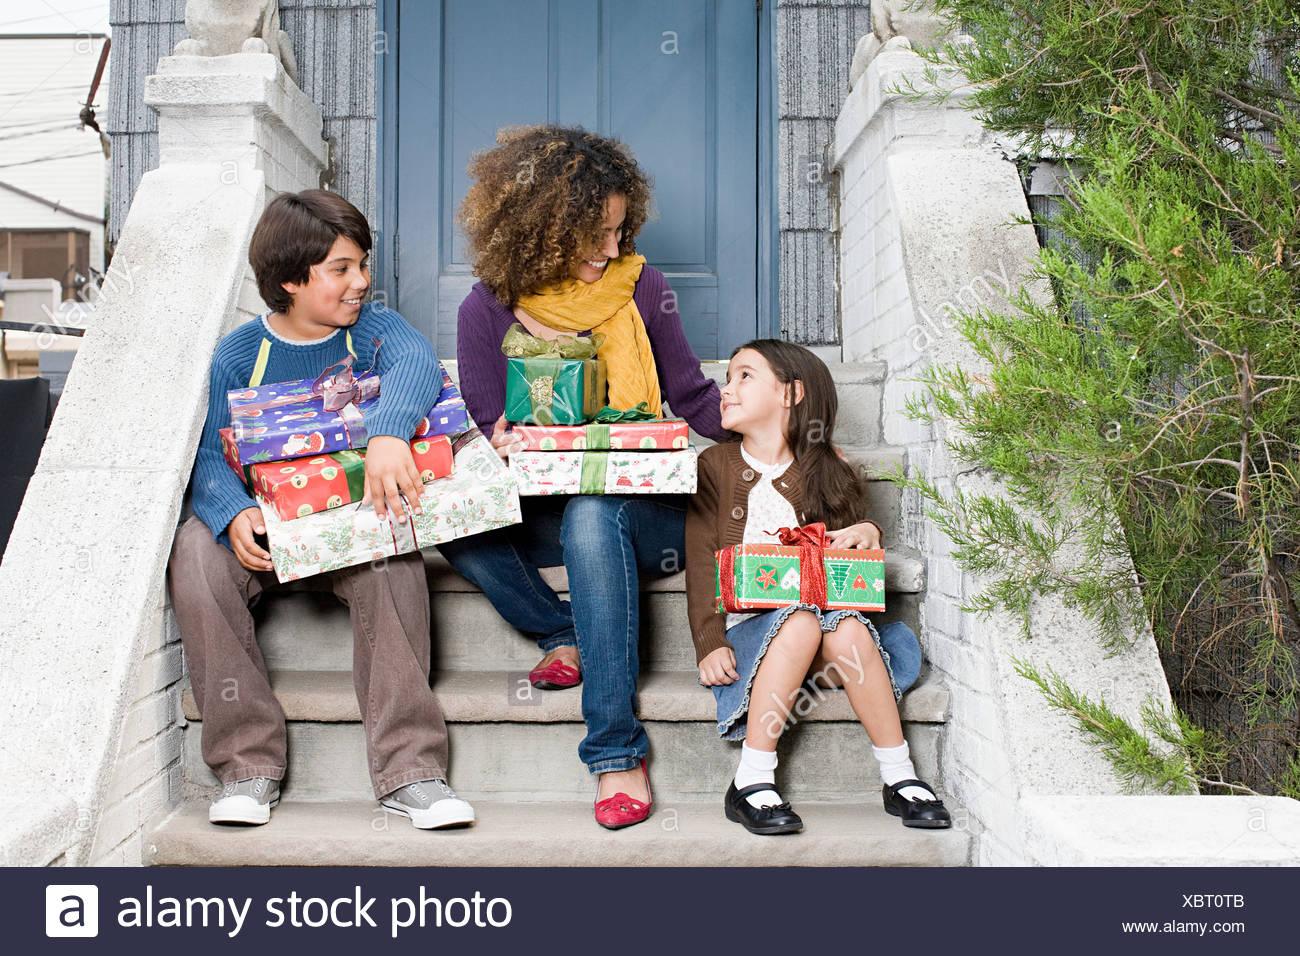 Madre e bambini stavano seduti su un gradino holding doni Immagini Stock